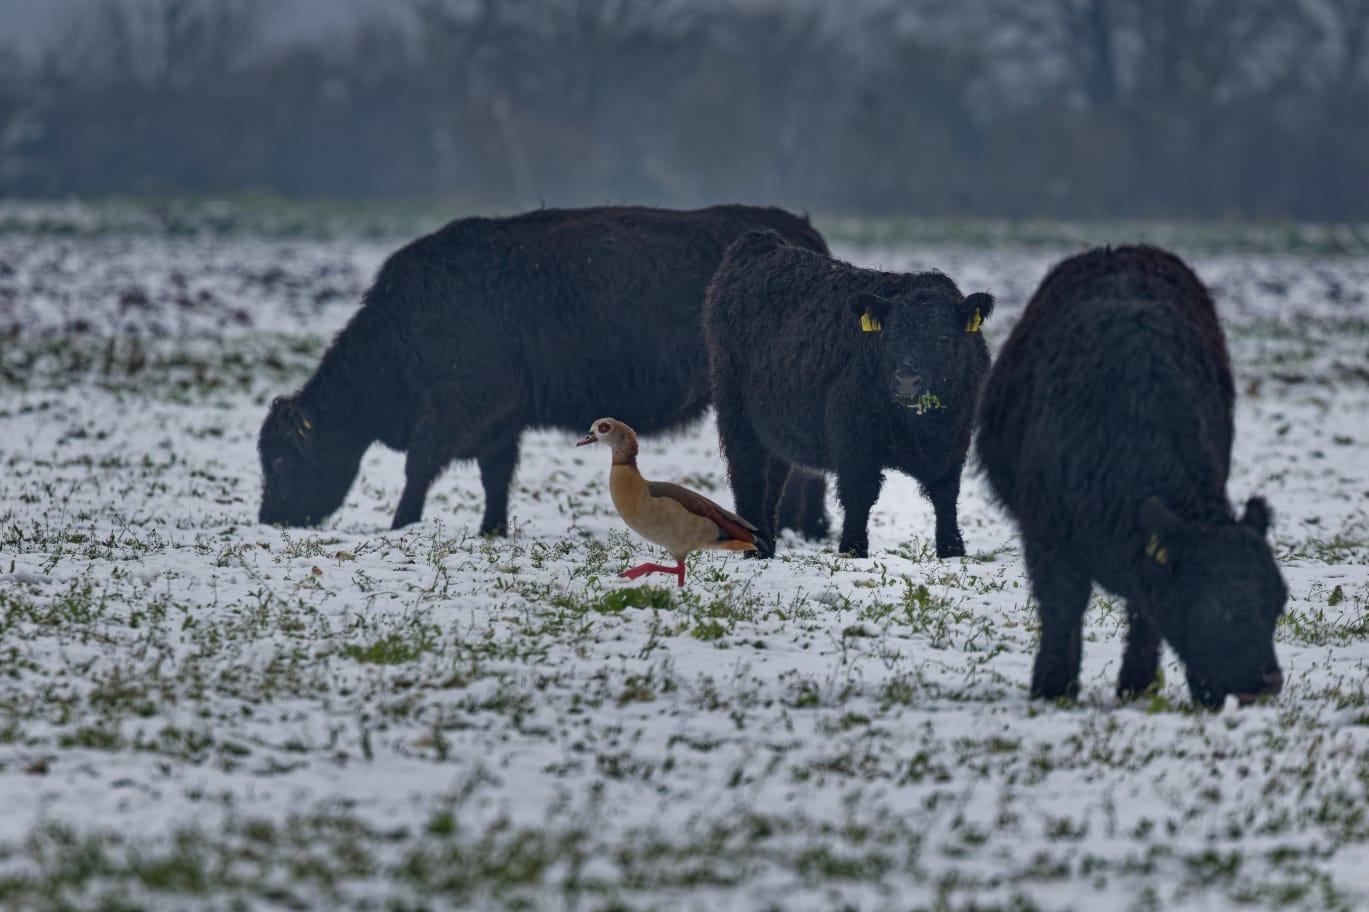 Den Galloway-Rindern macht Kälte nichts aus. Dazwischen watschelt eine Nilgans